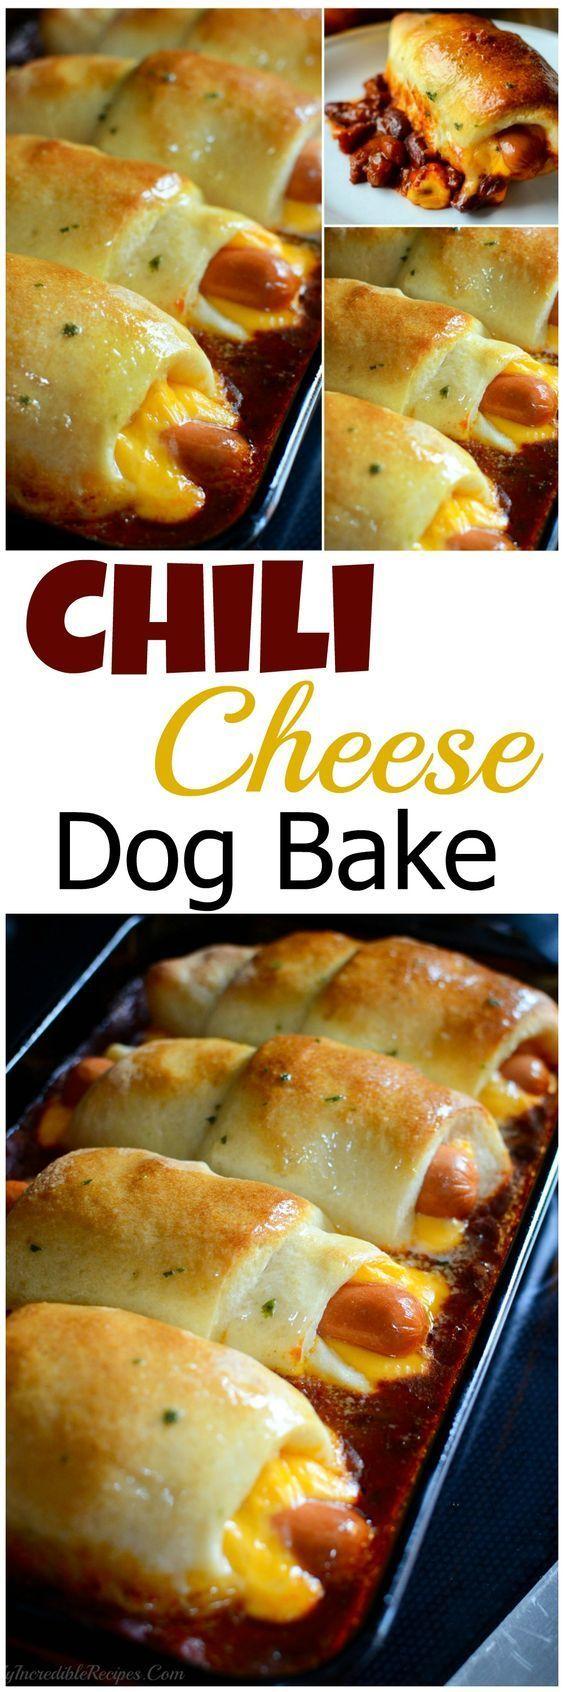 Chili Cheese Dog Bake